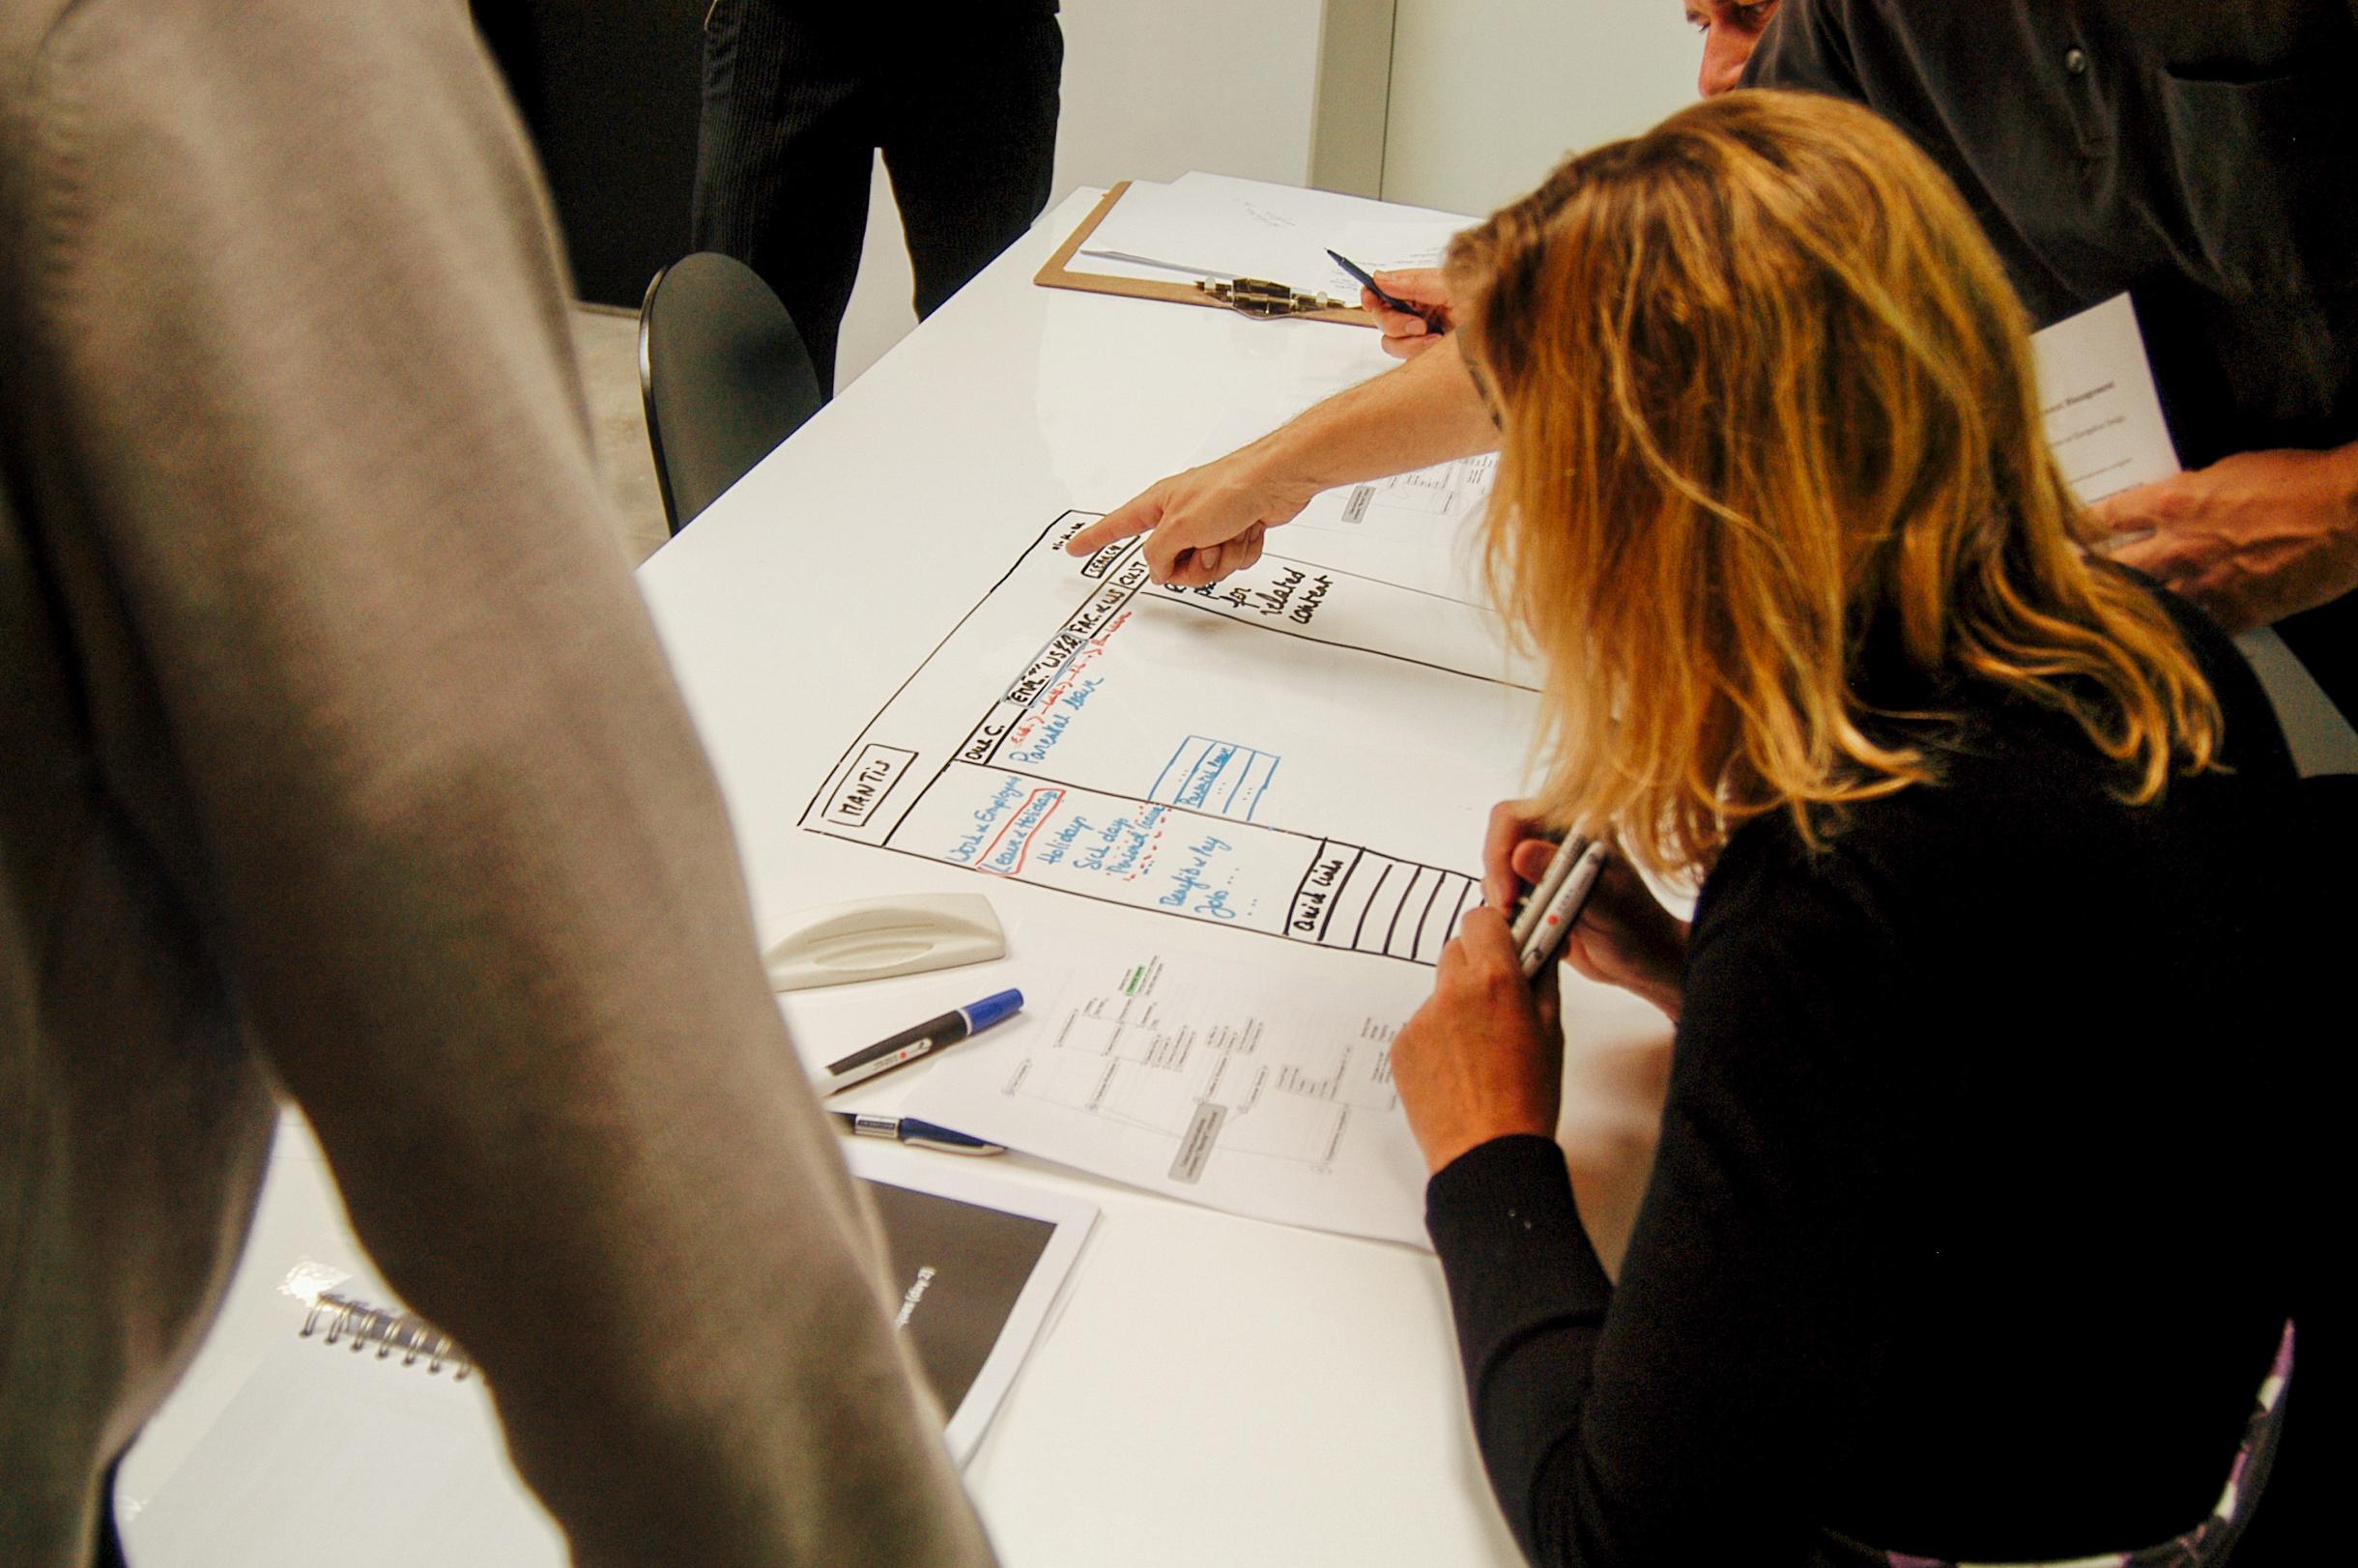 namww5-traeia-conceptualdesign